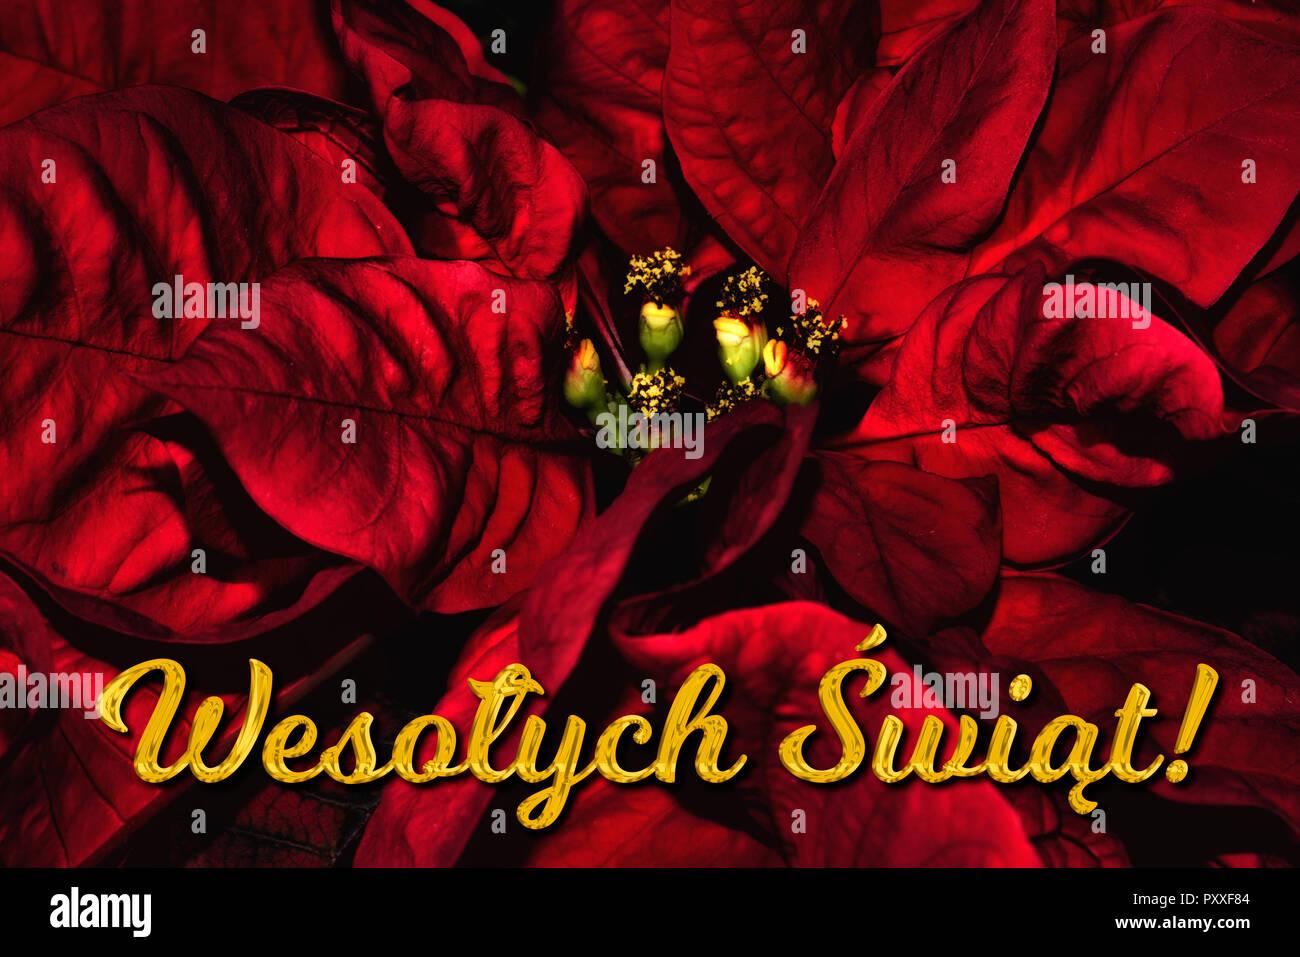 Frohe Weihnachten Text Karte.Der Polnische Text Wesolych Swiat Bedeutet Frohe